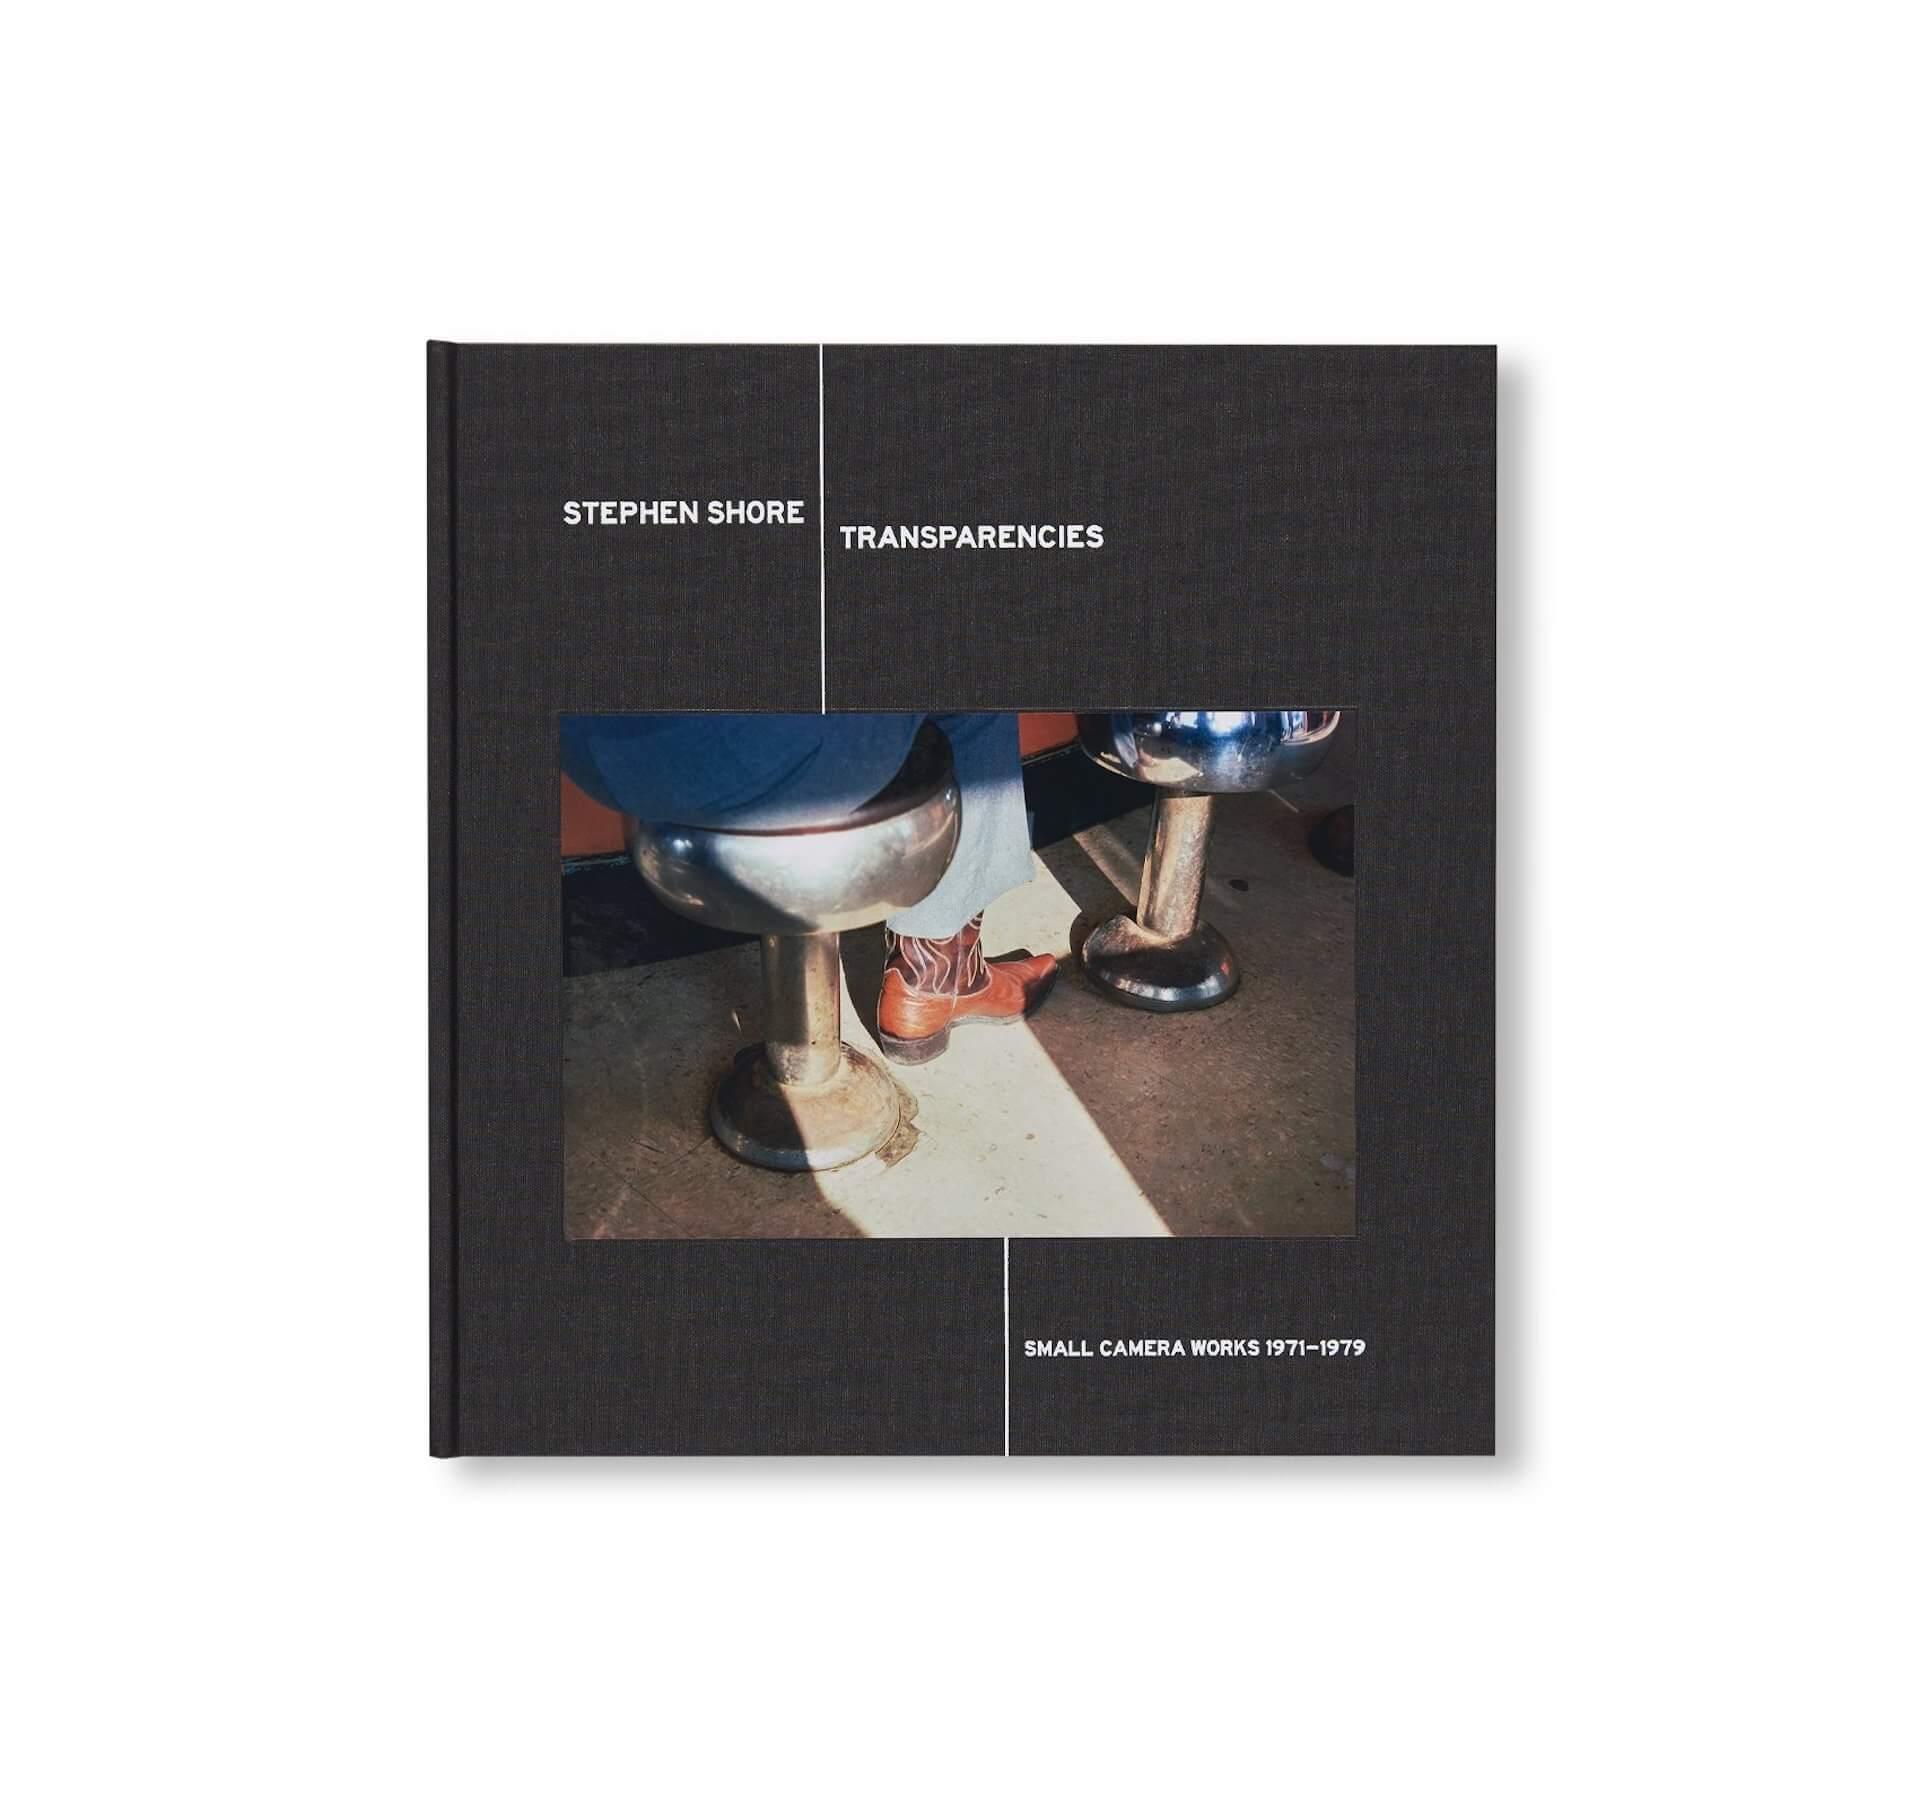 アートブックノススメ|Qetic編集部が選ぶ5冊/Roni Ahn 他 column210916_artbook-01